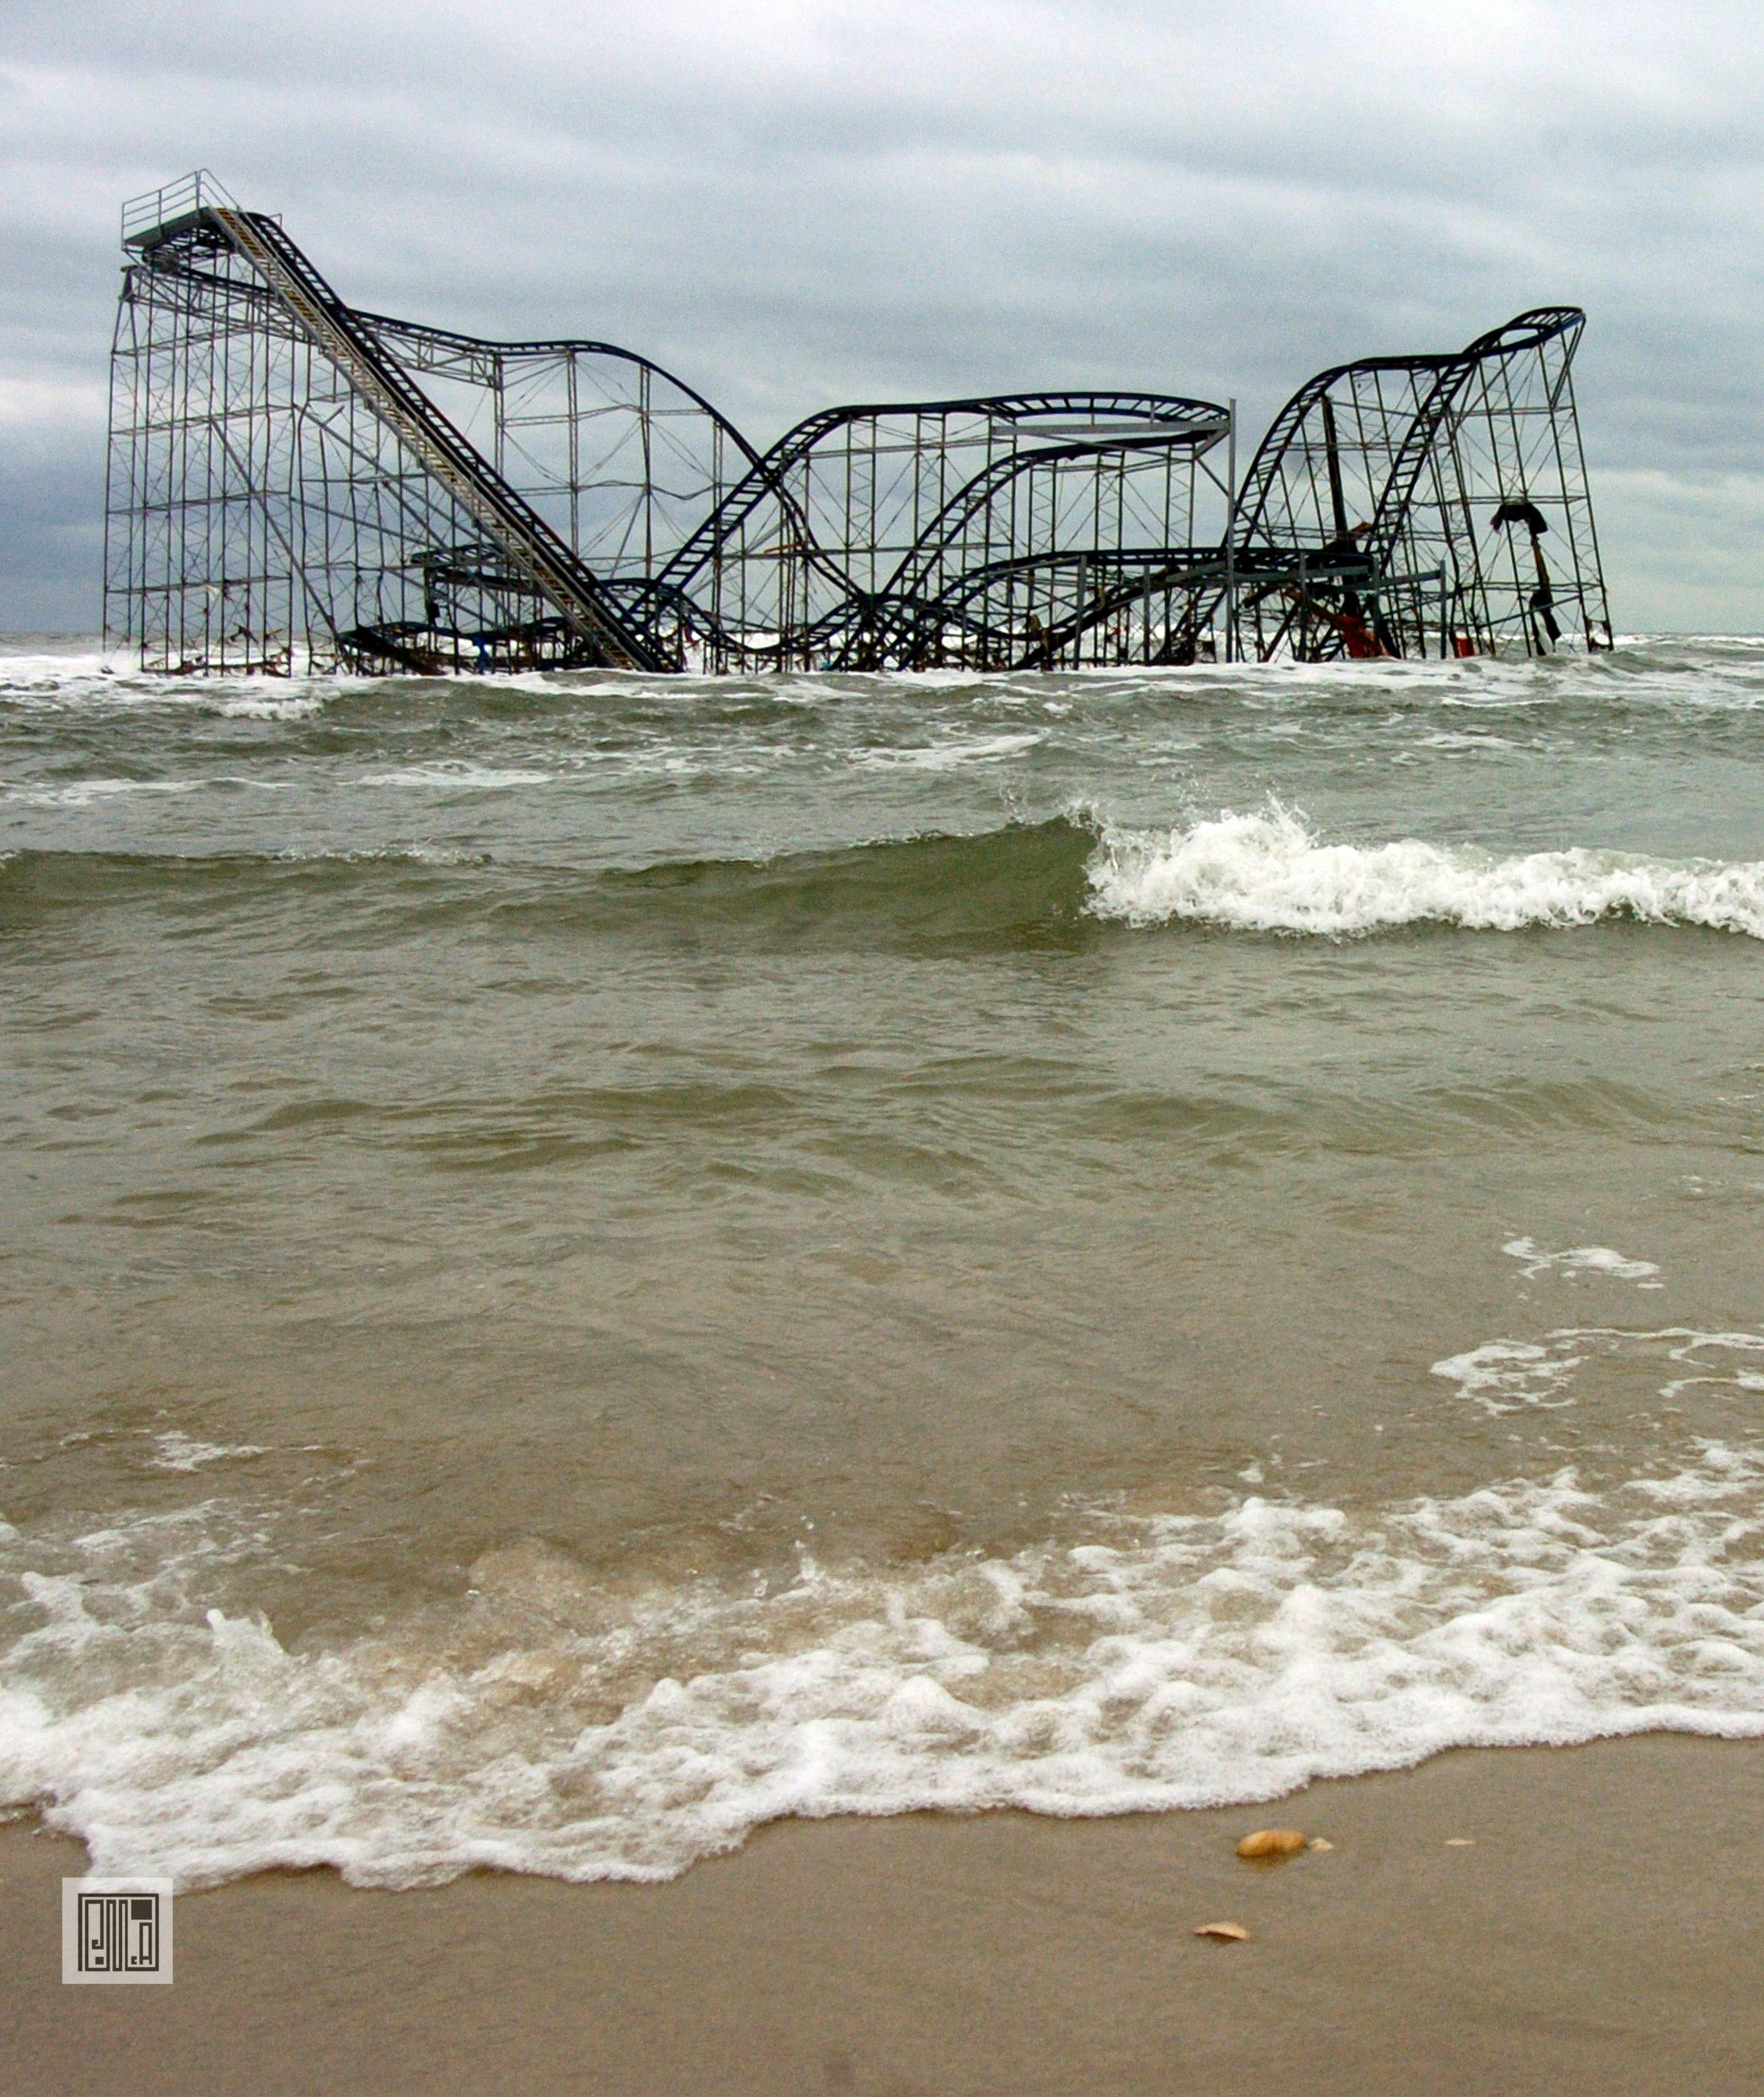 Seaside rollercoaster